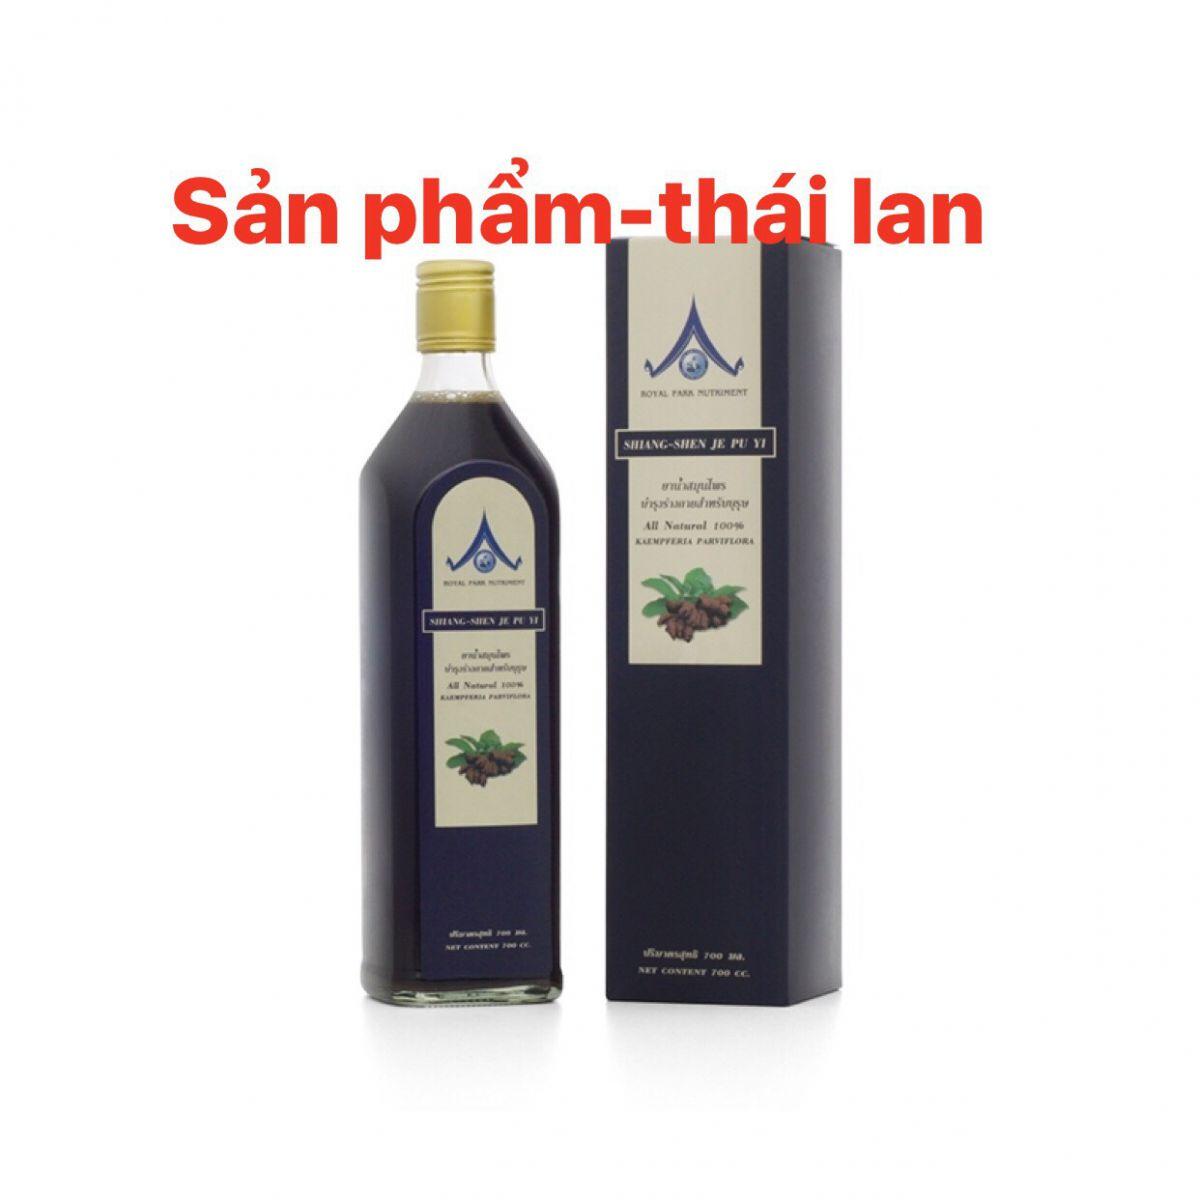 Shiang - Shen Je Pu Yi (Rượu bổ cường thận)